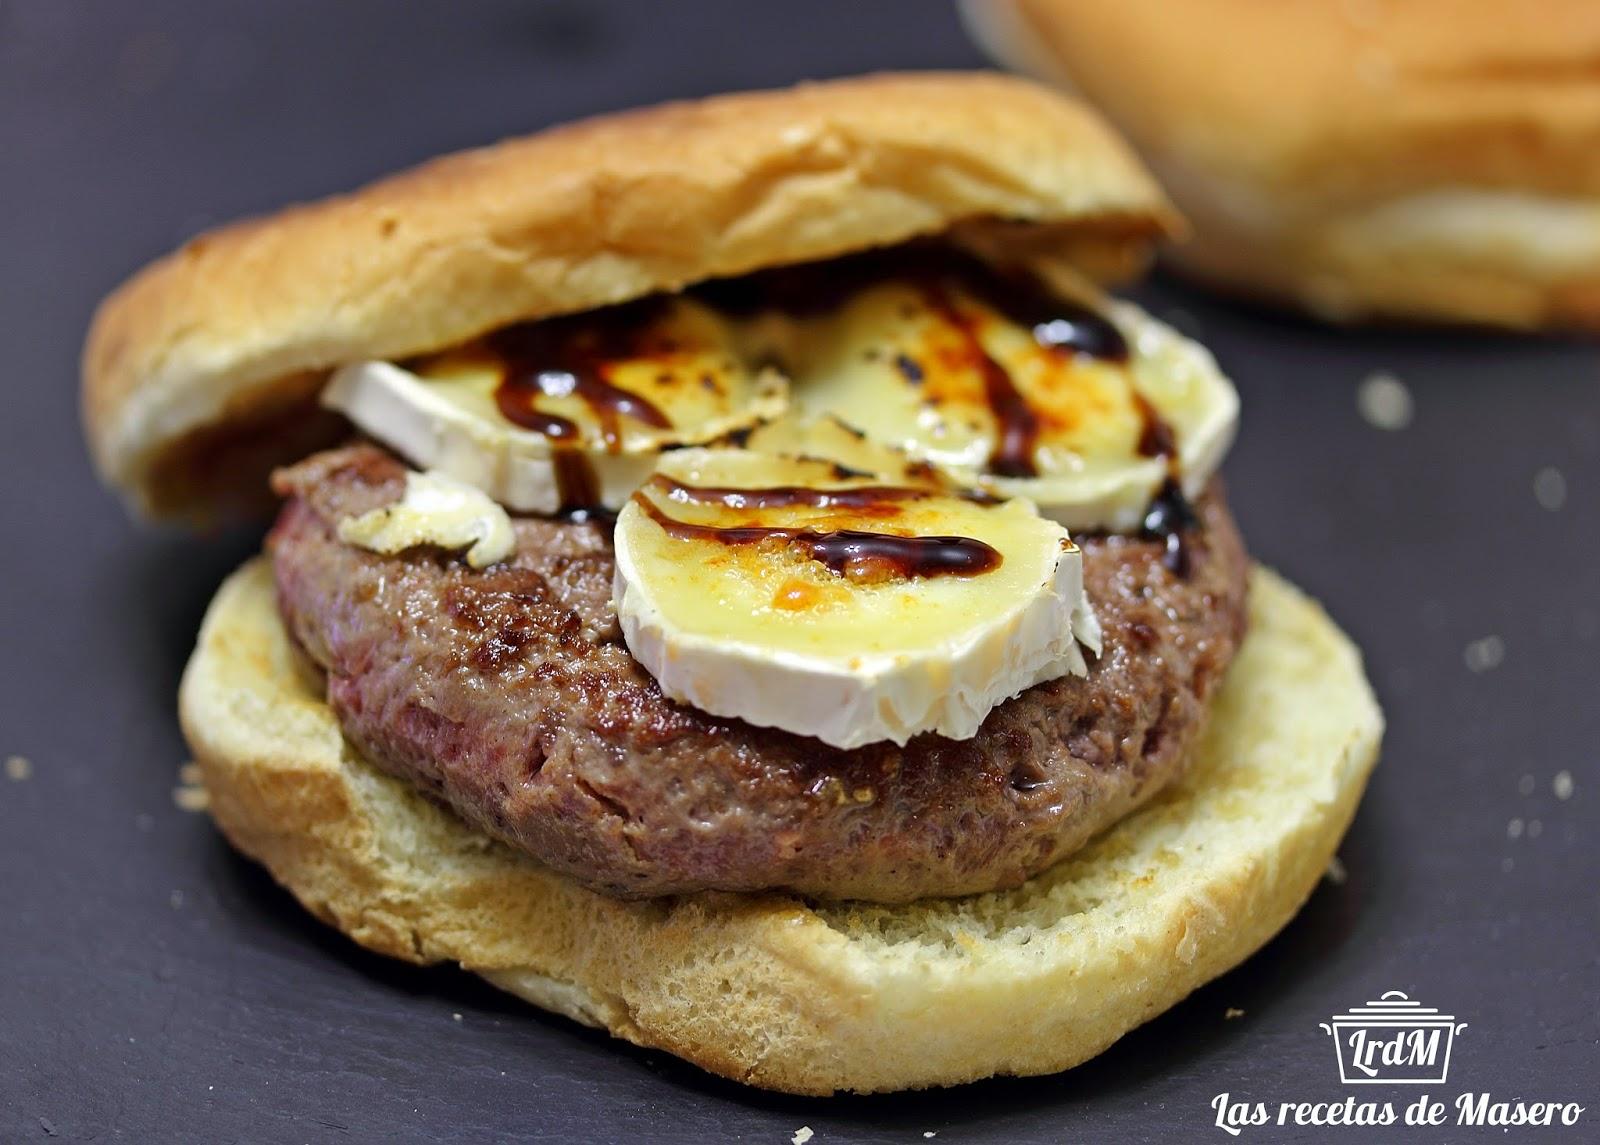 Hamburguesas de calabacín, jugosas y nutritivasno le piden nada a las de carne